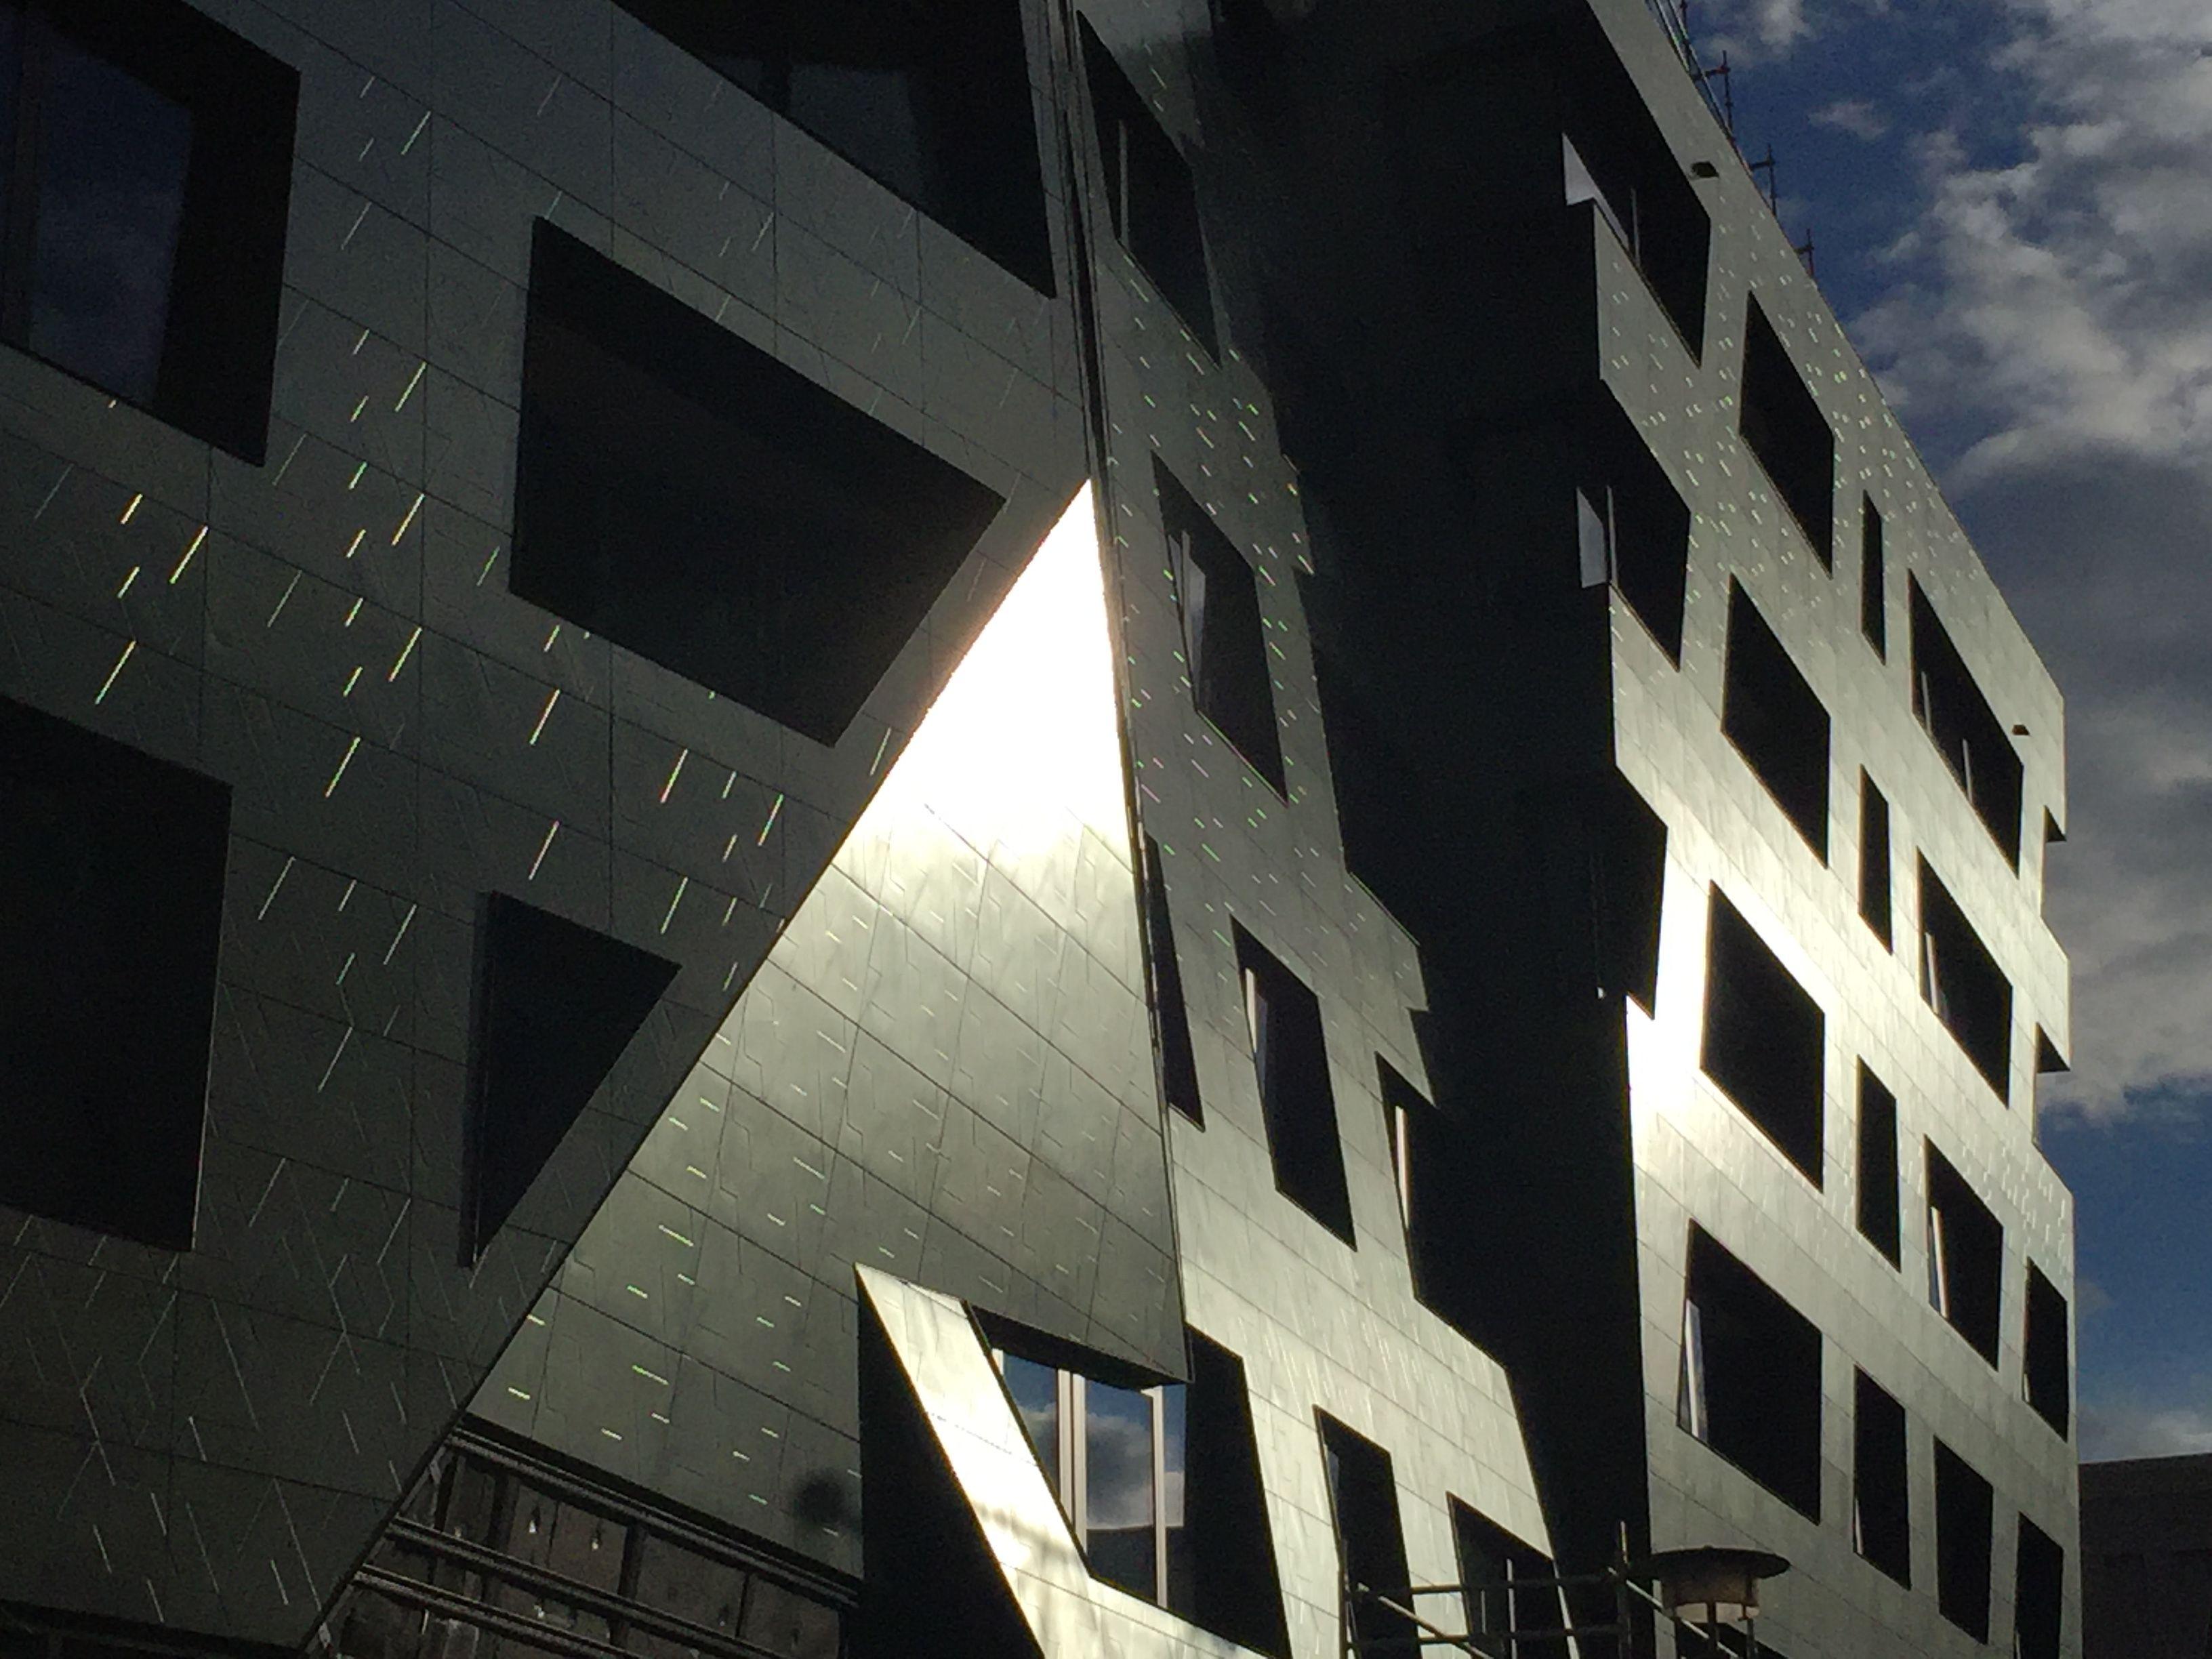 Fliesenmarkt Berlin die mit titan fliesen versehene fassade vom sapphire erstrahlt in